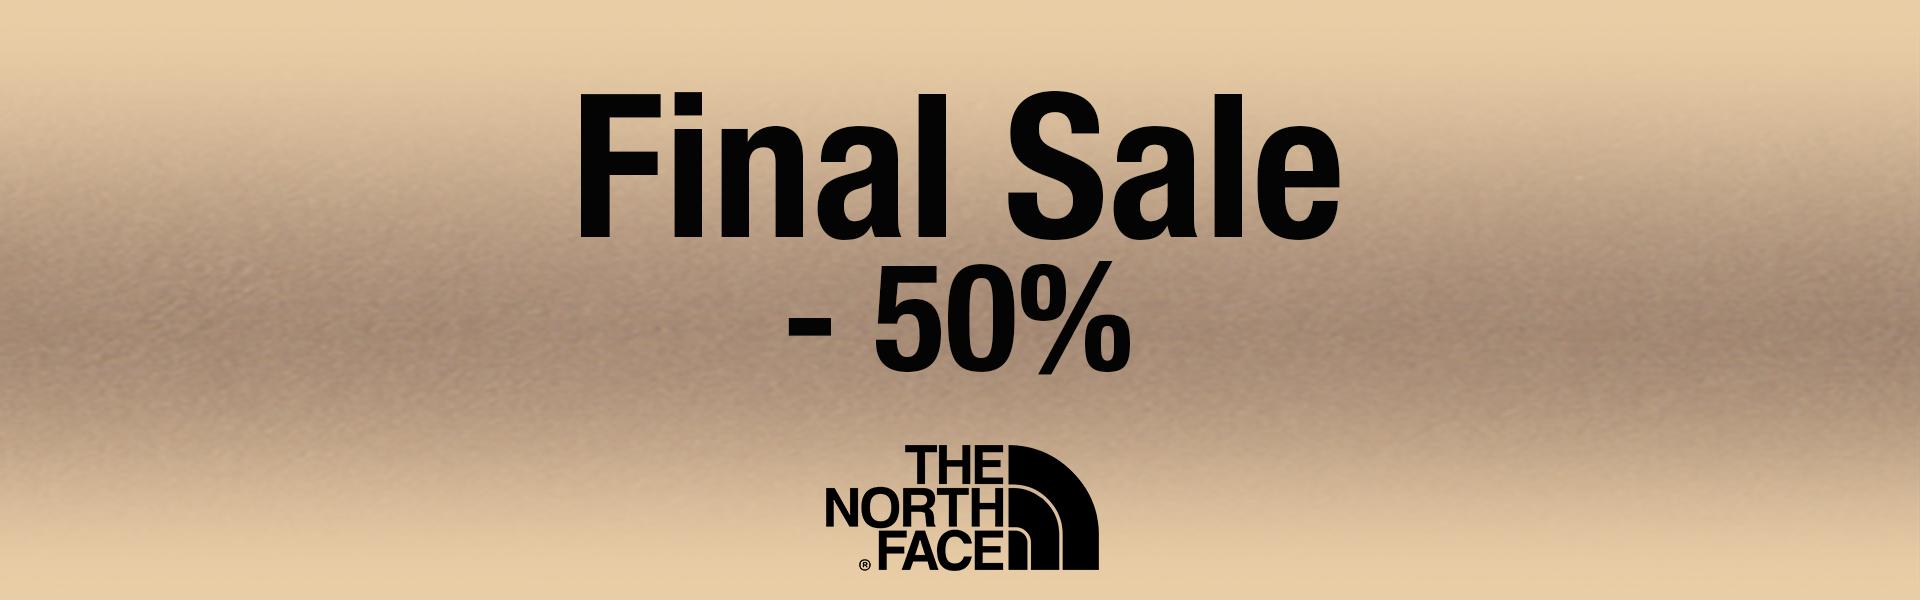 TNF_SALE_50%_FW19